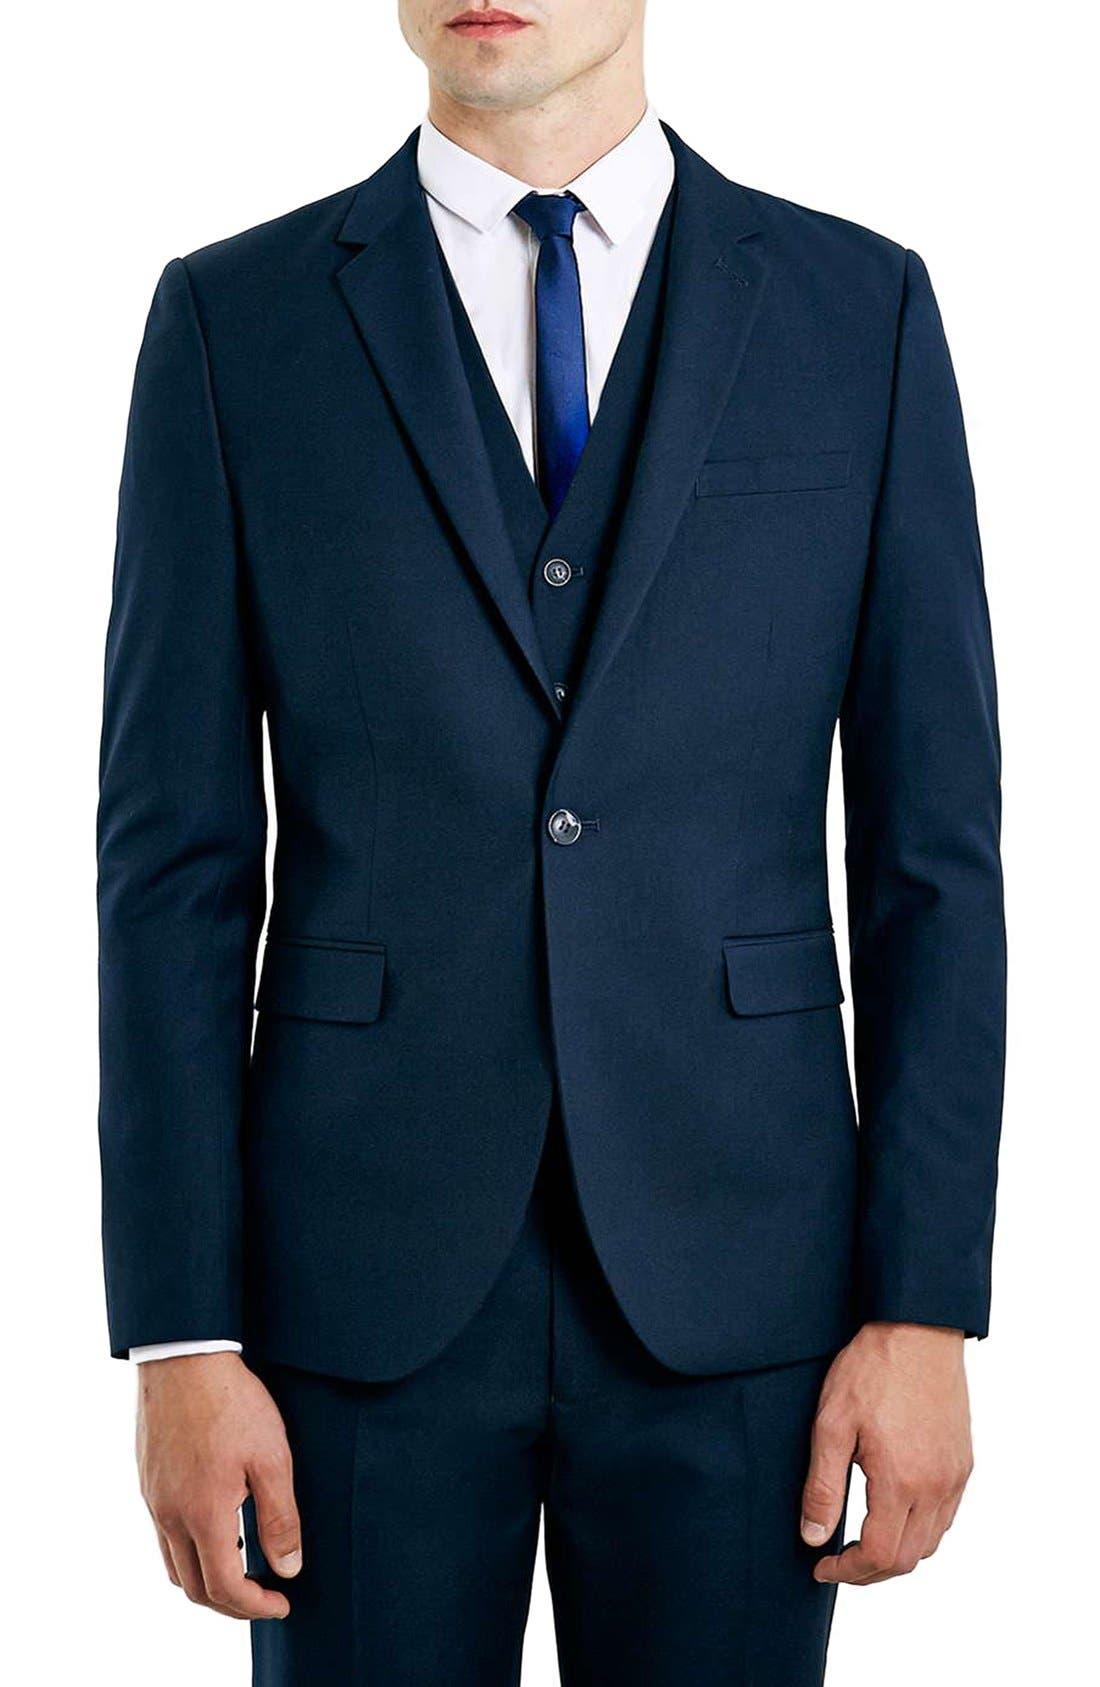 Alternate Image 1 Selected - Topman Navy Skinny Fit Suit Jacket